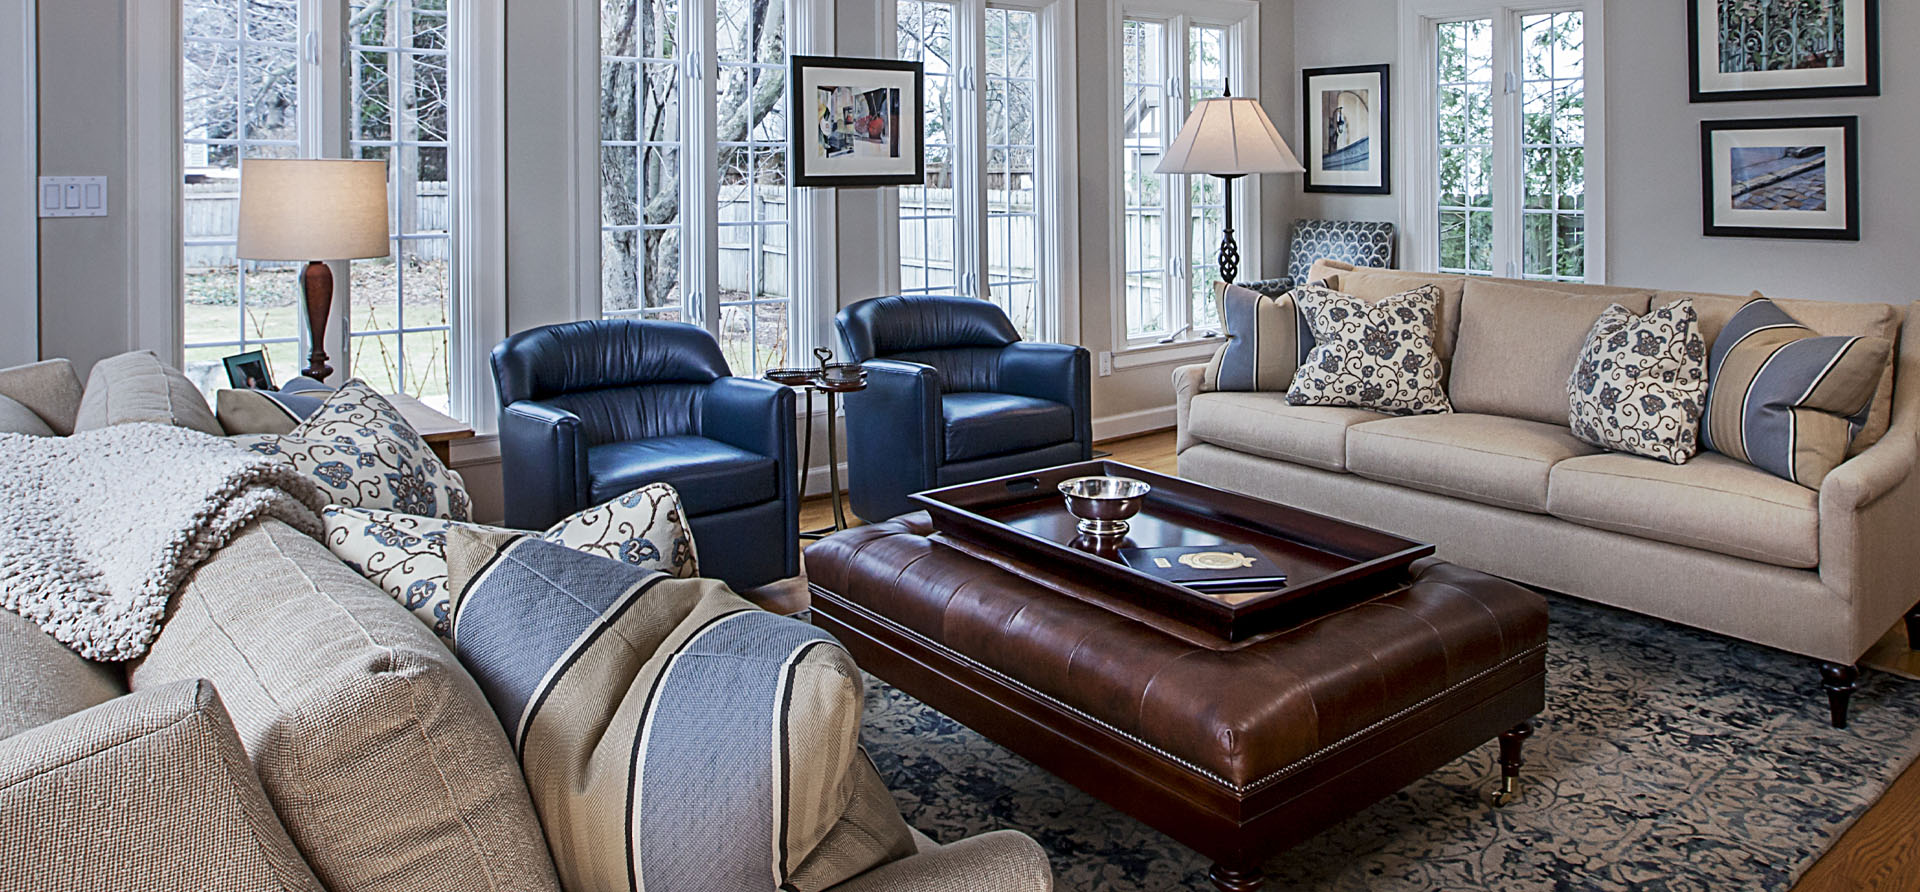 Birmingham Design Studio Michigan's Best High End Furniture